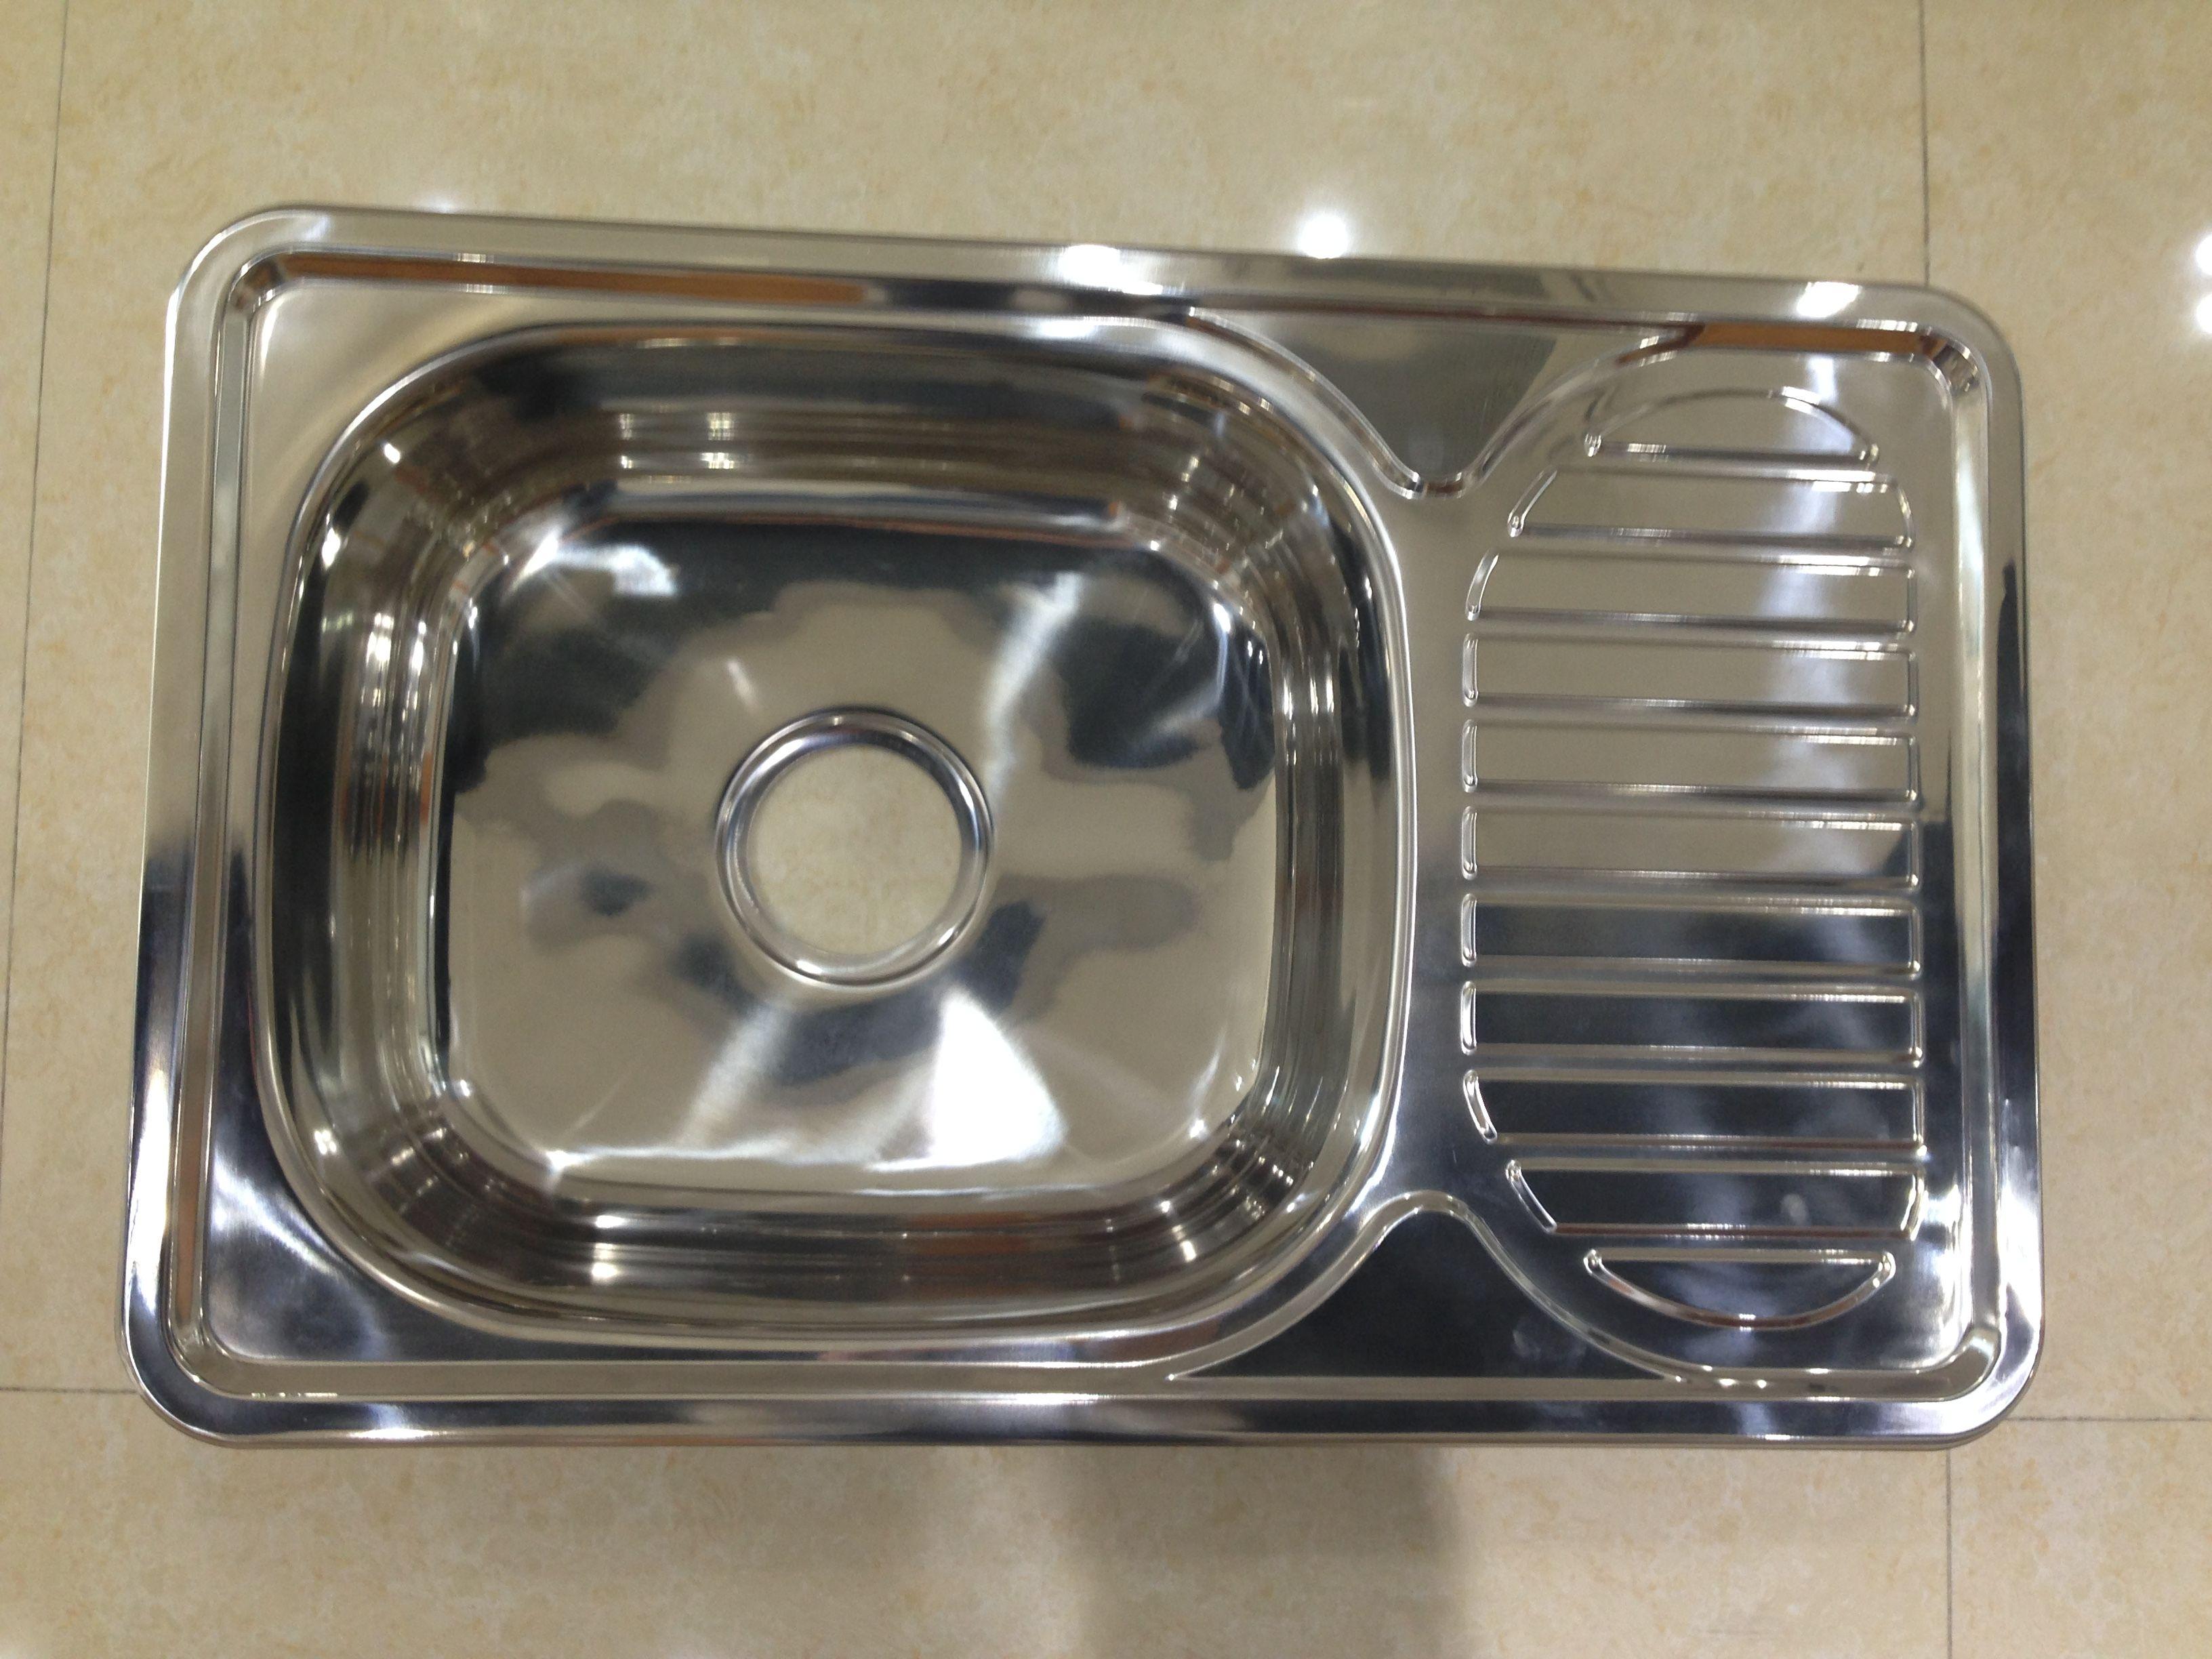 Sink Factory Sink Manufacturer Stainless Steel Sink Kitchen Sink Wash Basin Water Tank Stainless Ste Double Bowl Kitchen Sink Sink Stainless Steel Kitchen Sink